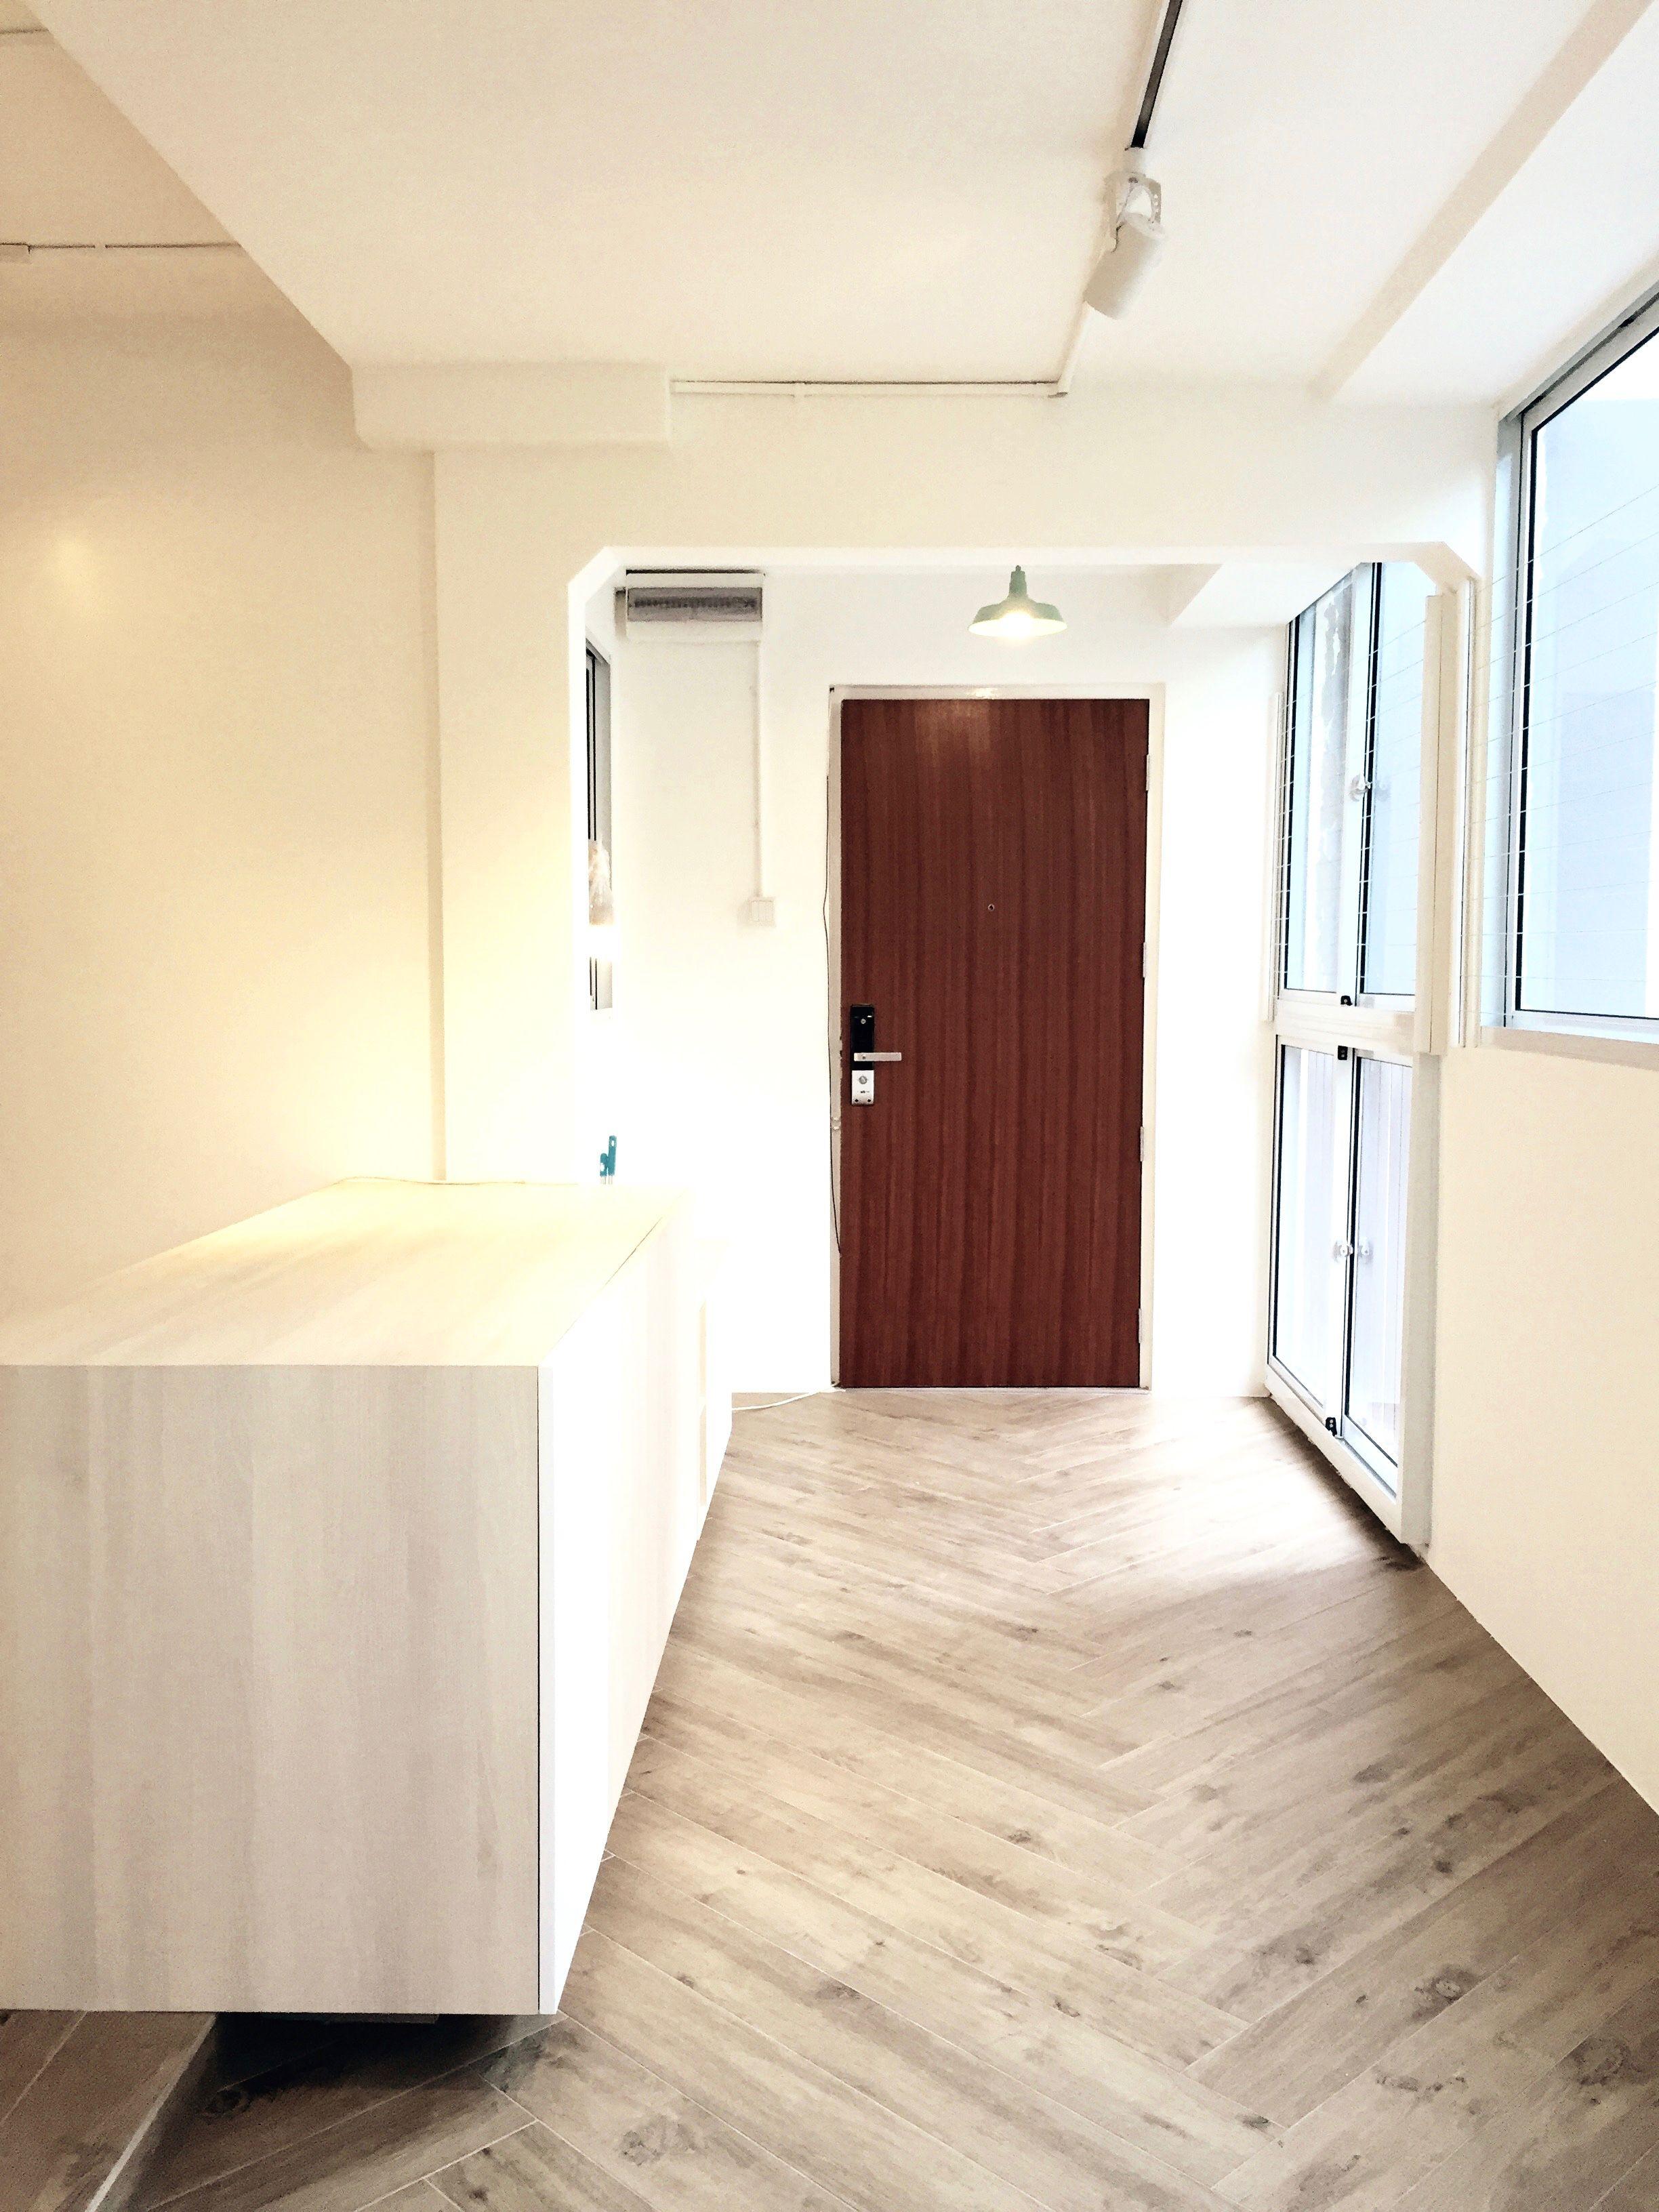 van haus interior design   MINIMALISTISCHES HAUS DESIGN INTERIEUR ...